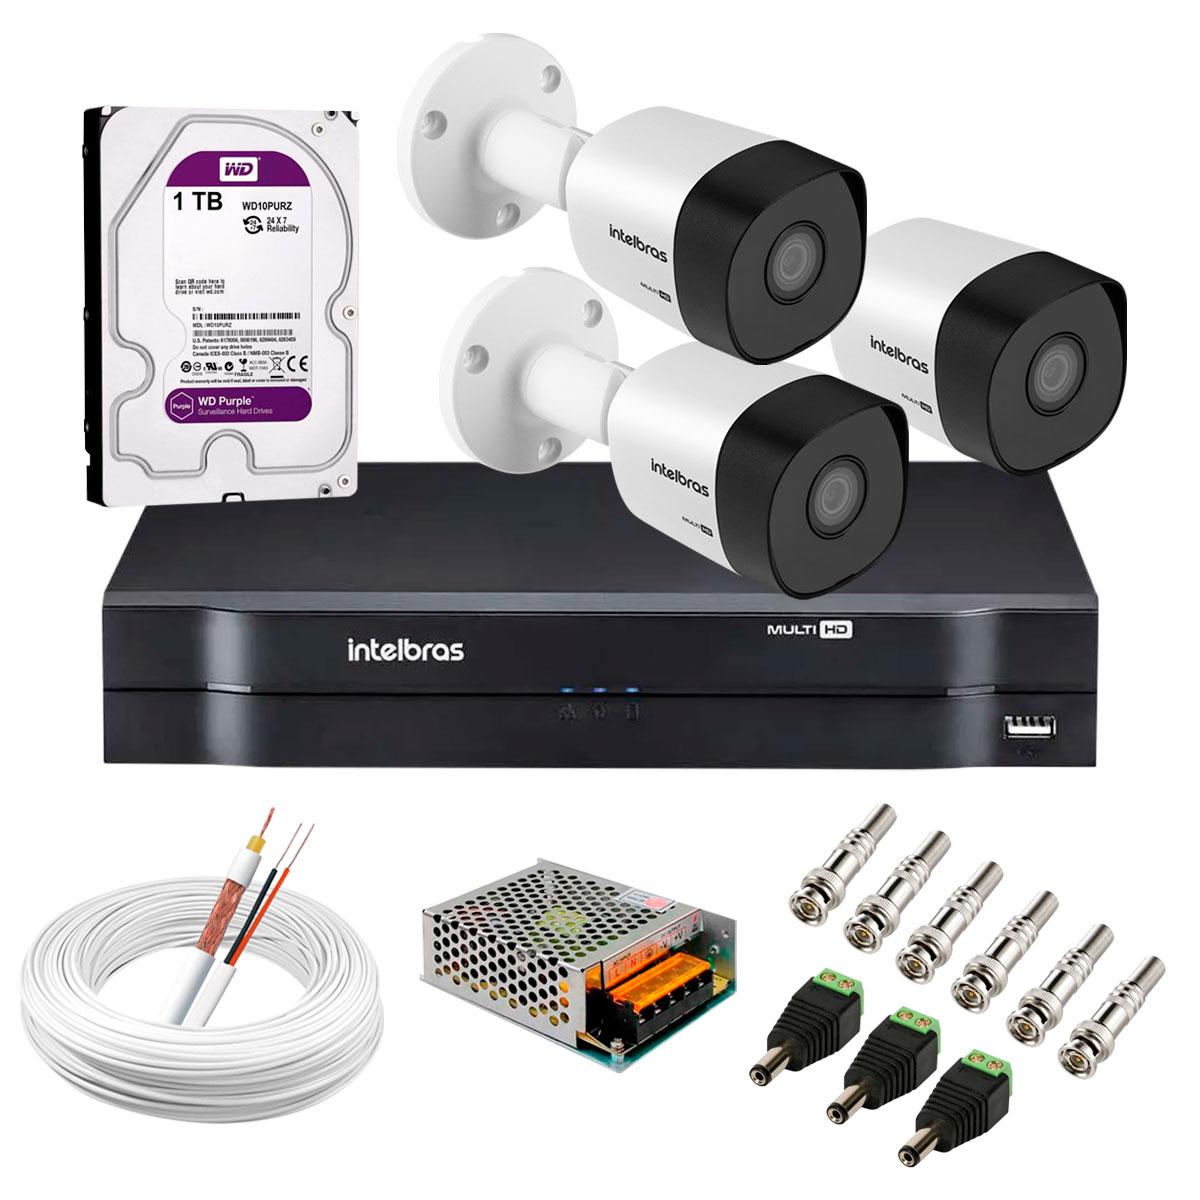 kit-3-cameras-vhd-3130-b-g6-dvr-intelbras-hd-1tb-para-armazenamento-app-gratis-de-monitoramento-cameras-hd-720p-30m-infravermelho-de-visao-noturna-intelbras-fonte-cabos-e-acessorios